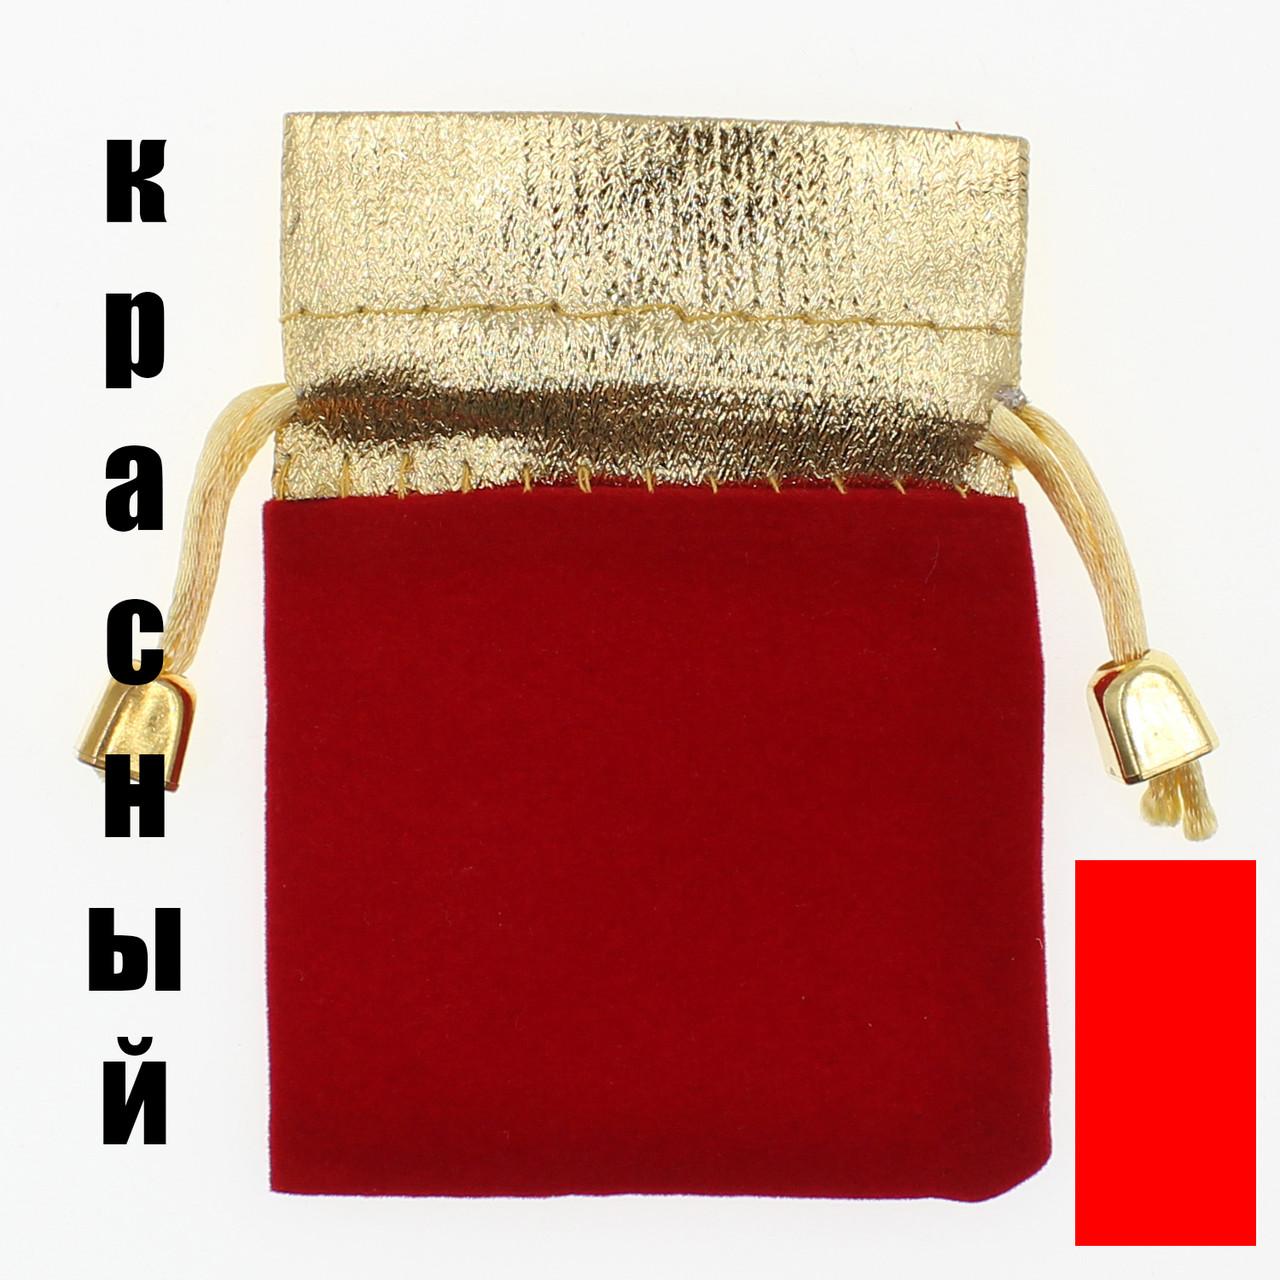 Мешочек подарочный красный с золотом бархат 7/9 см 50 шт